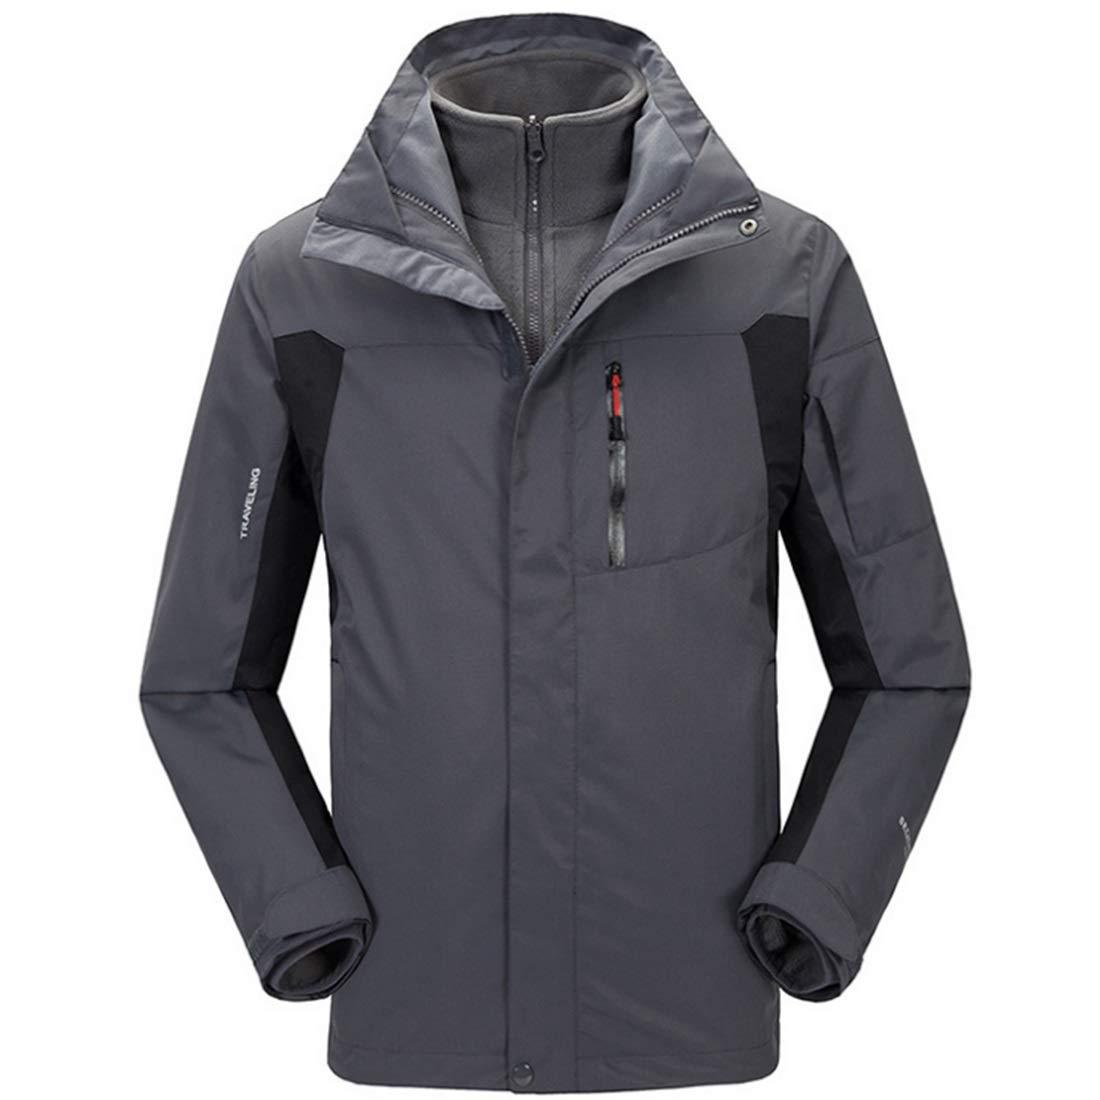 RVINFENDRIYUN YY4 Herren Mountain Waterproof Ski Jacket Windproof Regenjacke Klettern